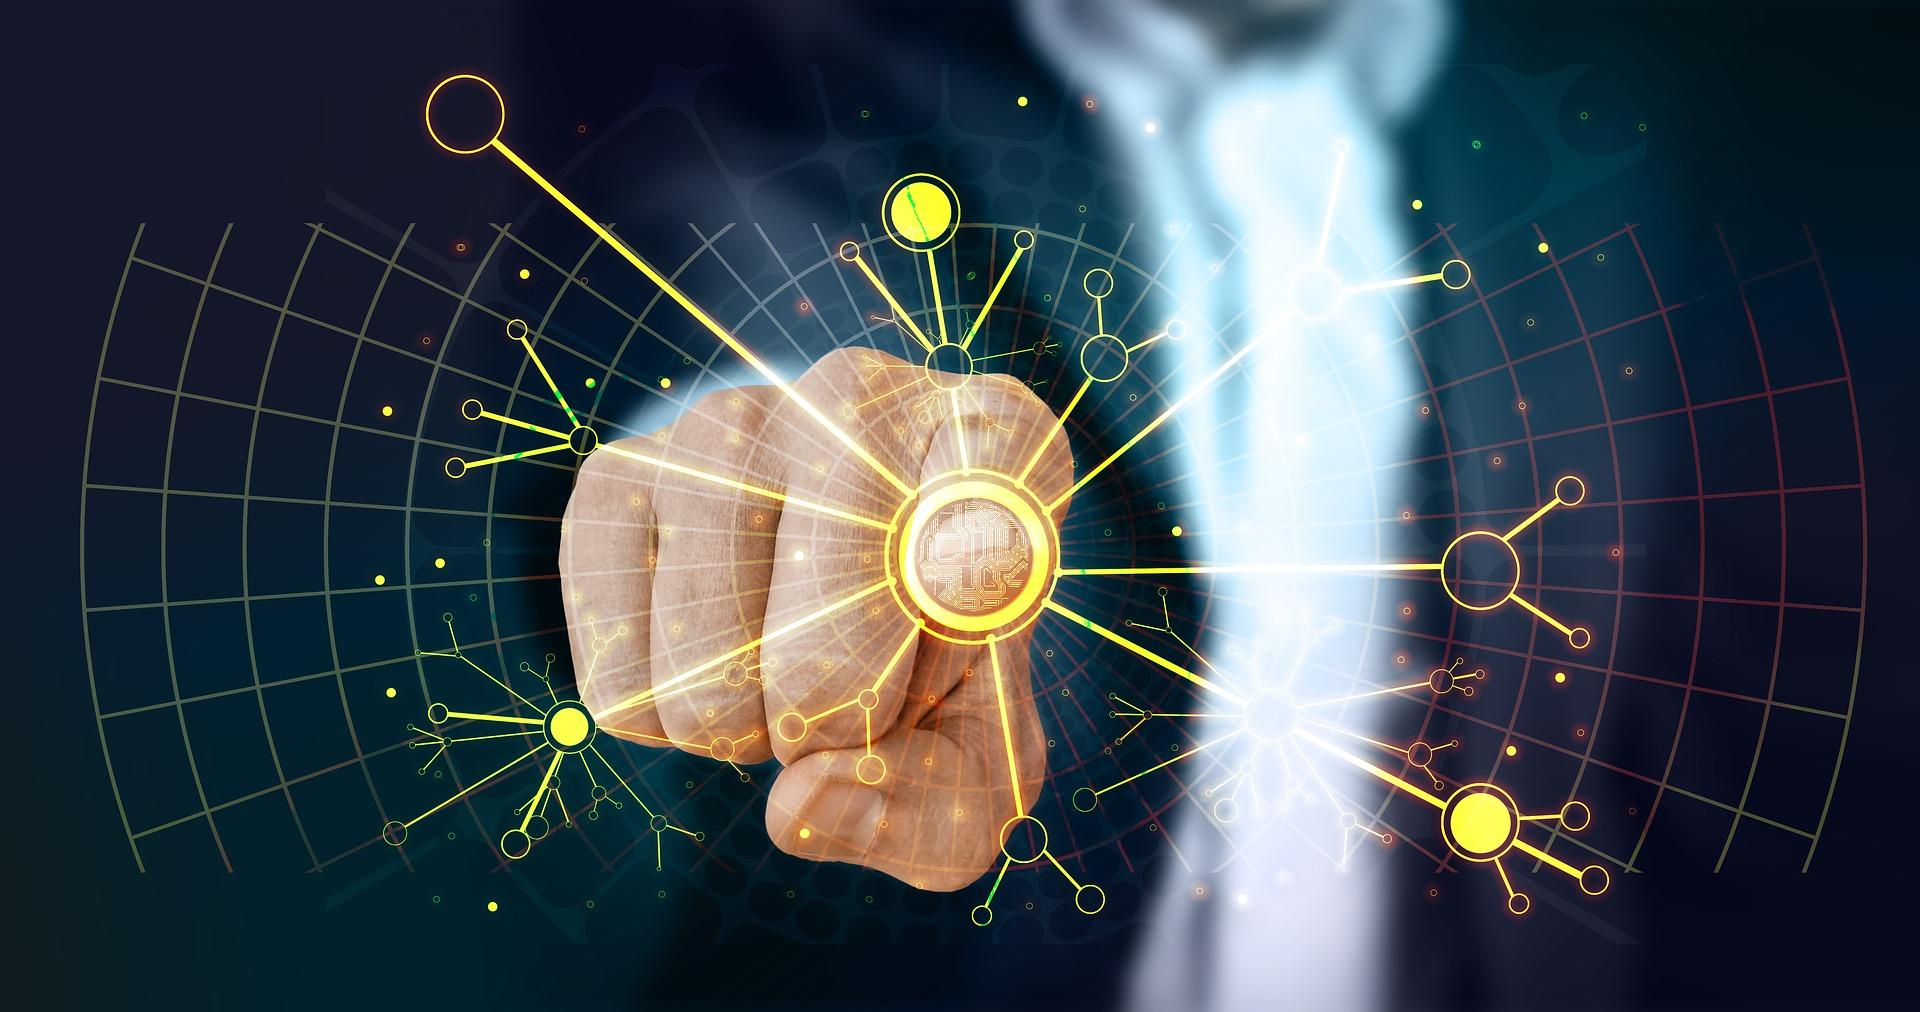 Utworzenie odpowiedniego środowiska prawnego dla sztucznej inteligencji jako priorytet. Komisja Europejska oraz unijni nadzorcy wytyczają priorytety dla AI. Część 1.